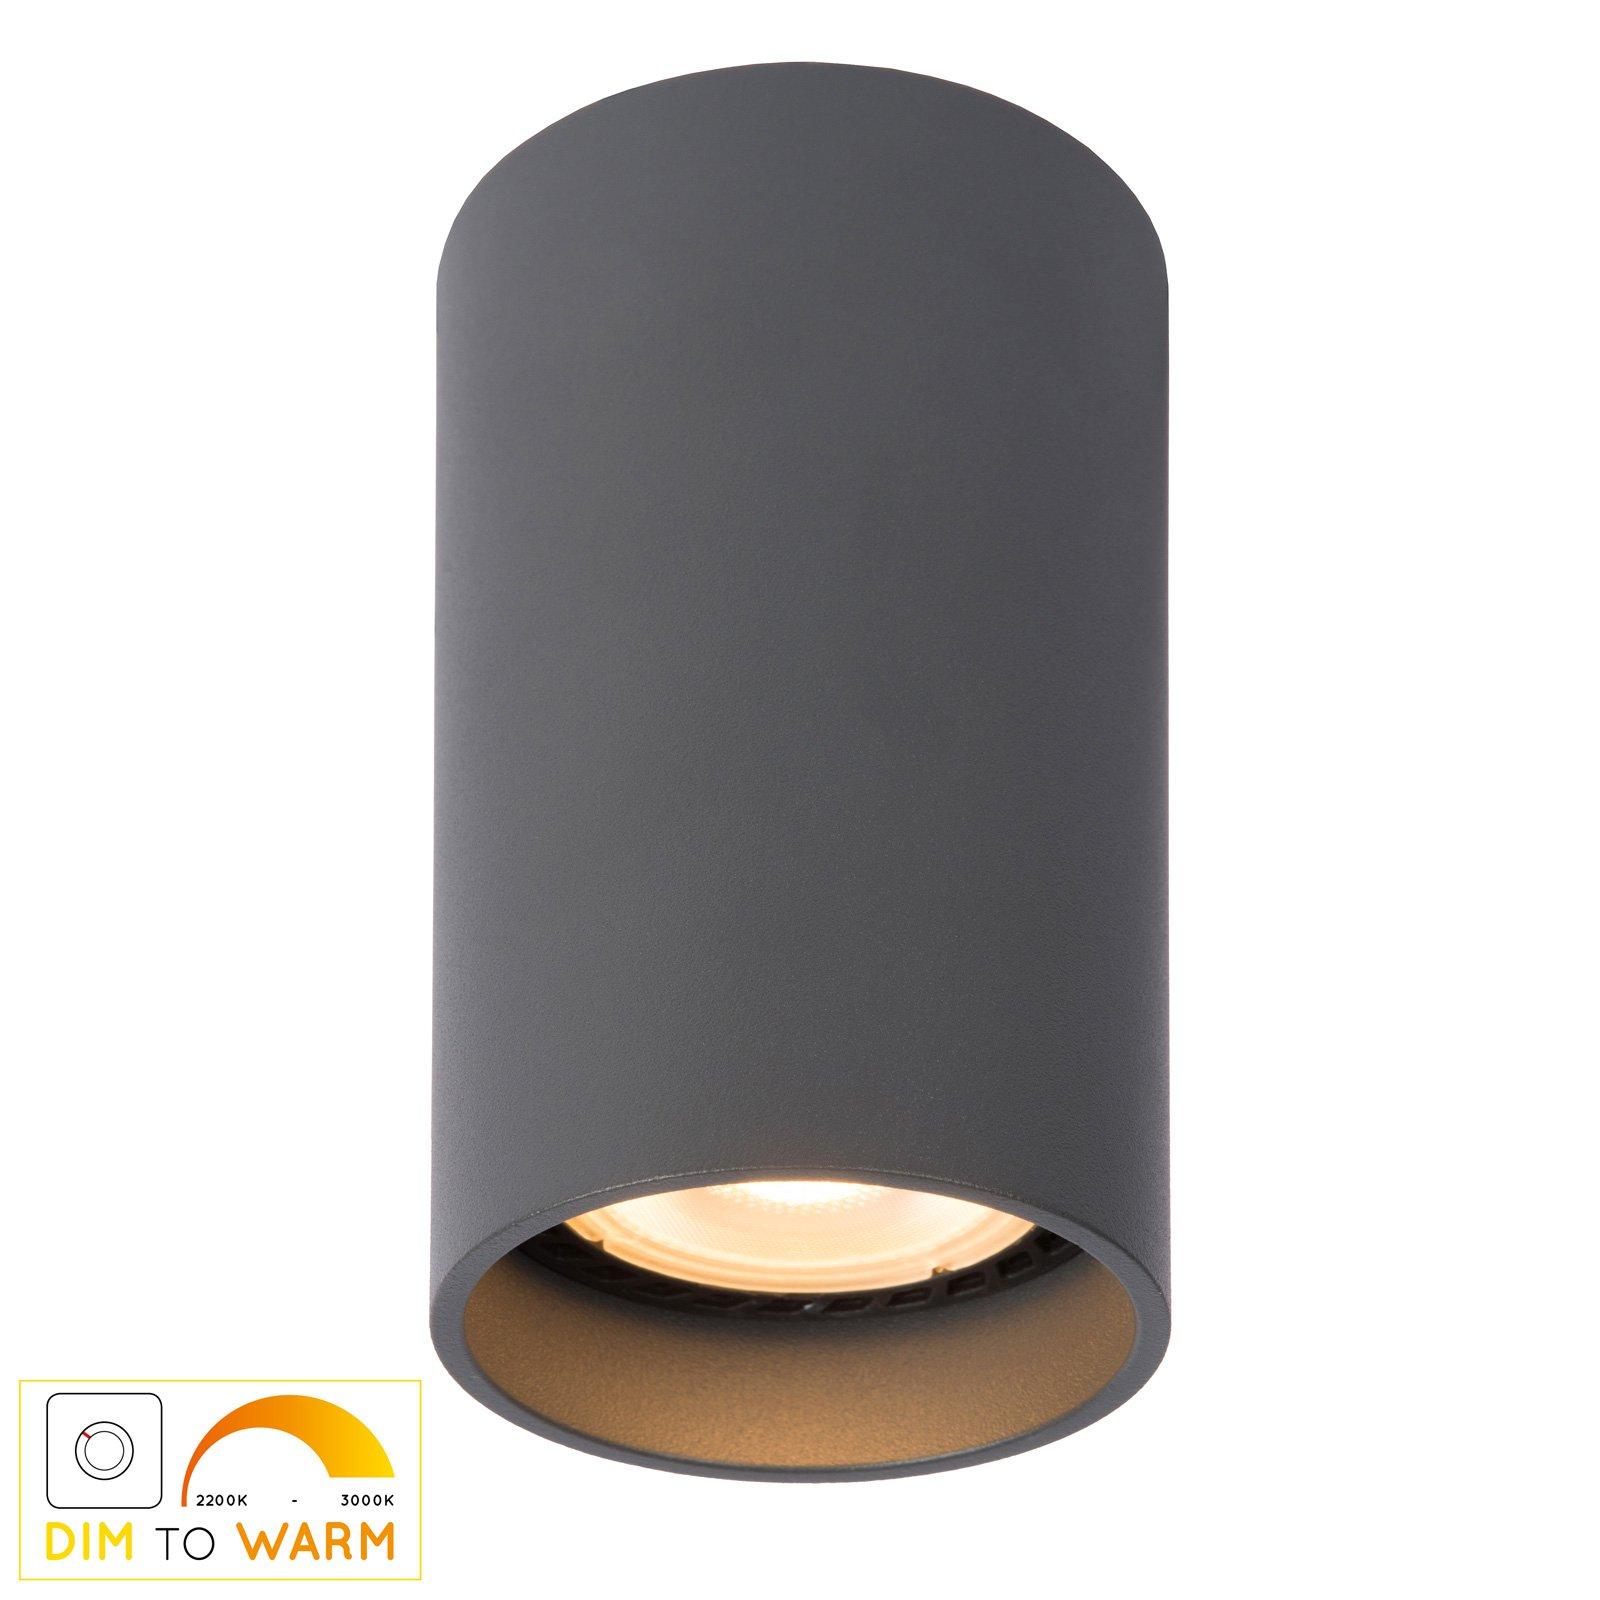 Delto LED-taklampe dim to warm, rund, grå